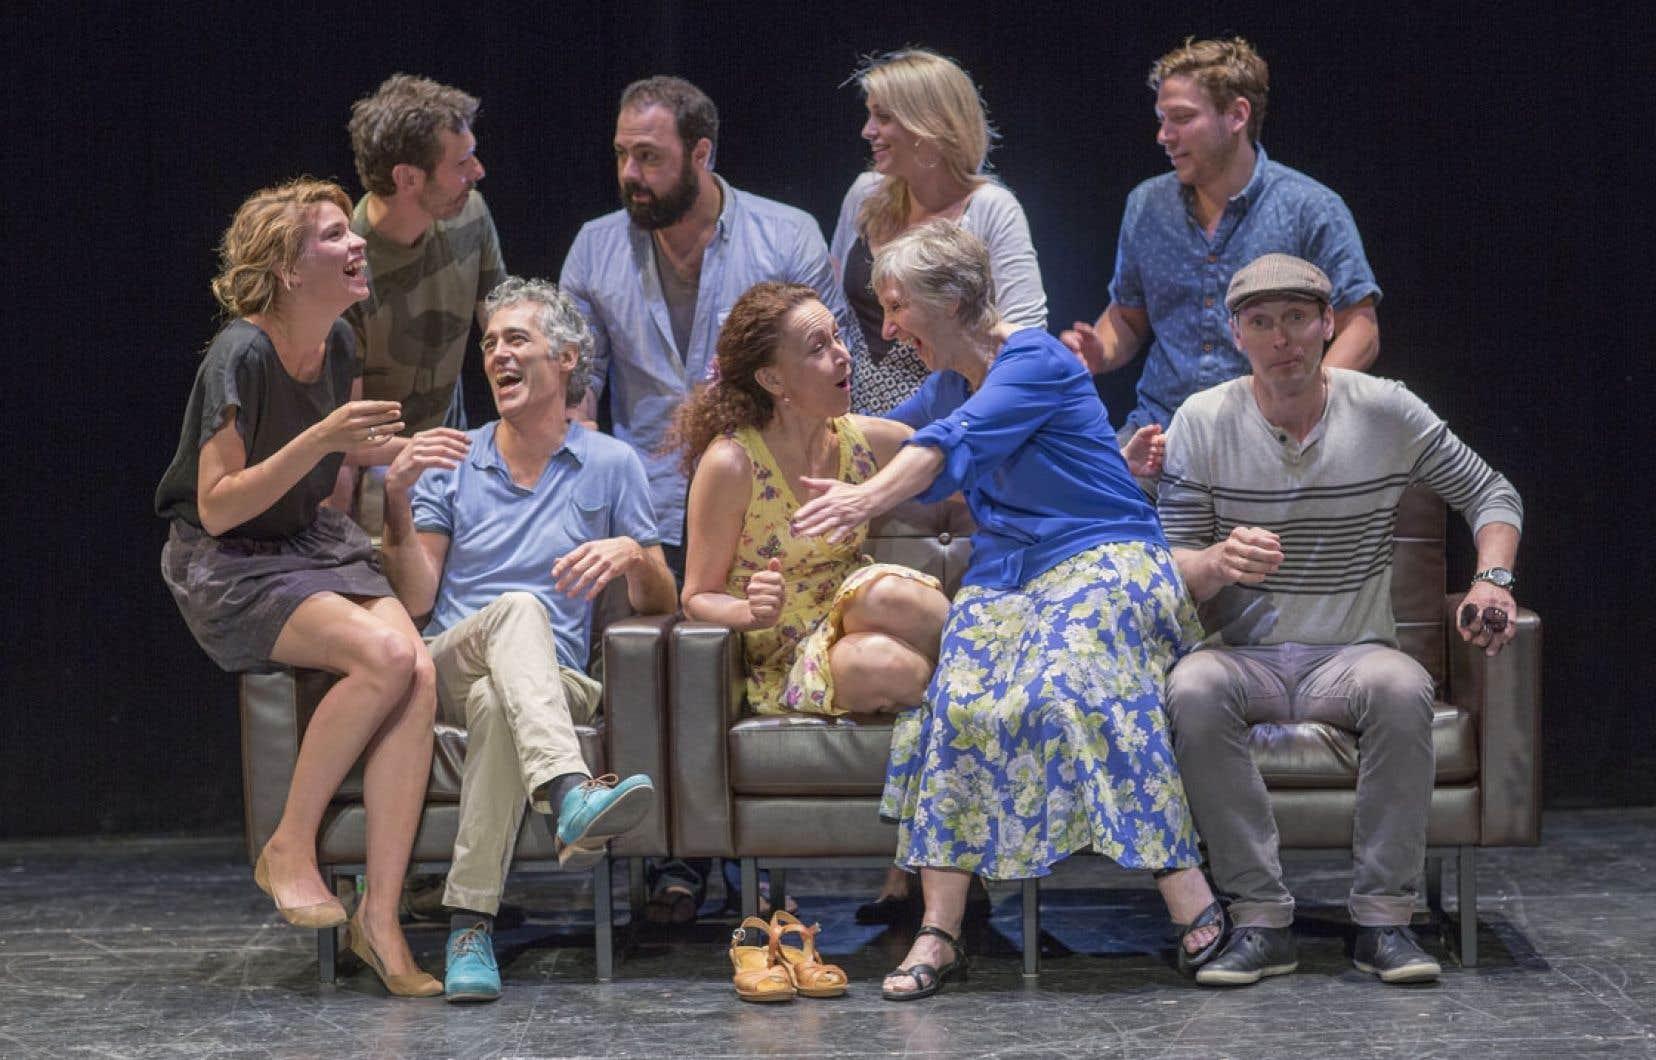 L'équipe de la pièce qui ouvrira la saison du Théâtre de Quat'Sous, Opening Night, entoure le directeur artistique Éric Jean (assis, à gauche).